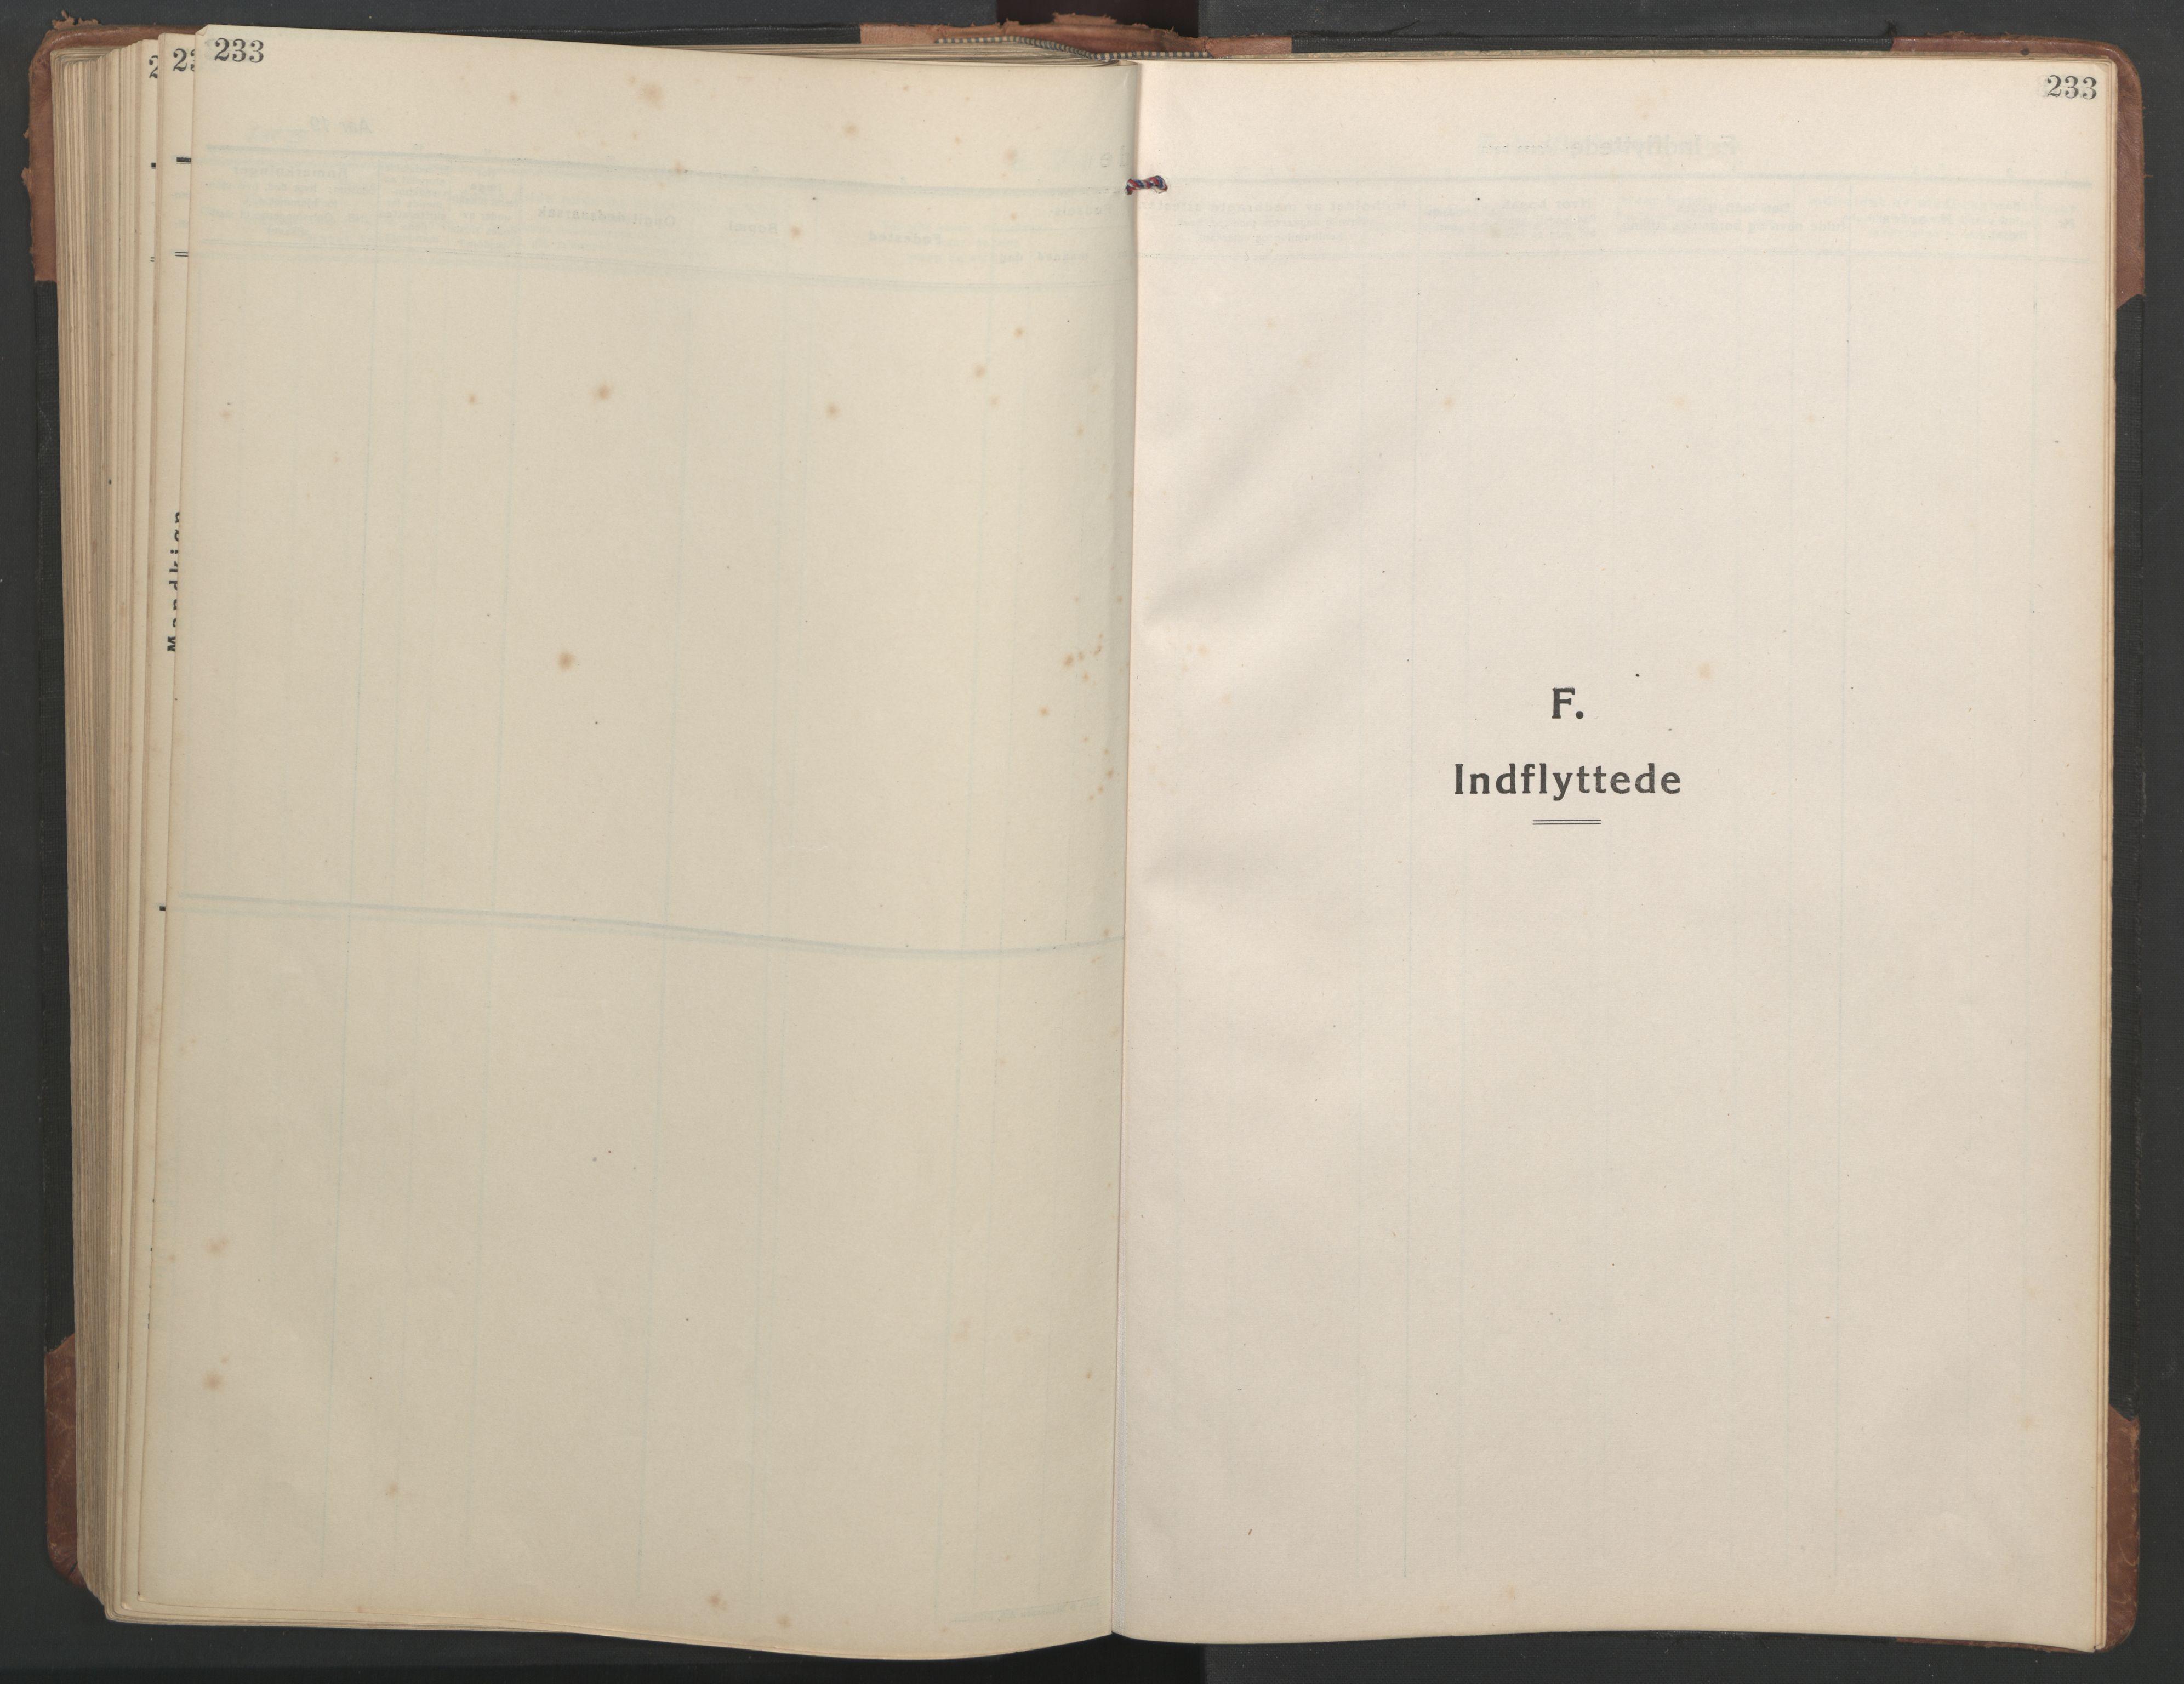 SAT, Ministerialprotokoller, klokkerbøker og fødselsregistre - Sør-Trøndelag, 638/L0569: Klokkerbok nr. 638C01, 1923-1961, s. 233